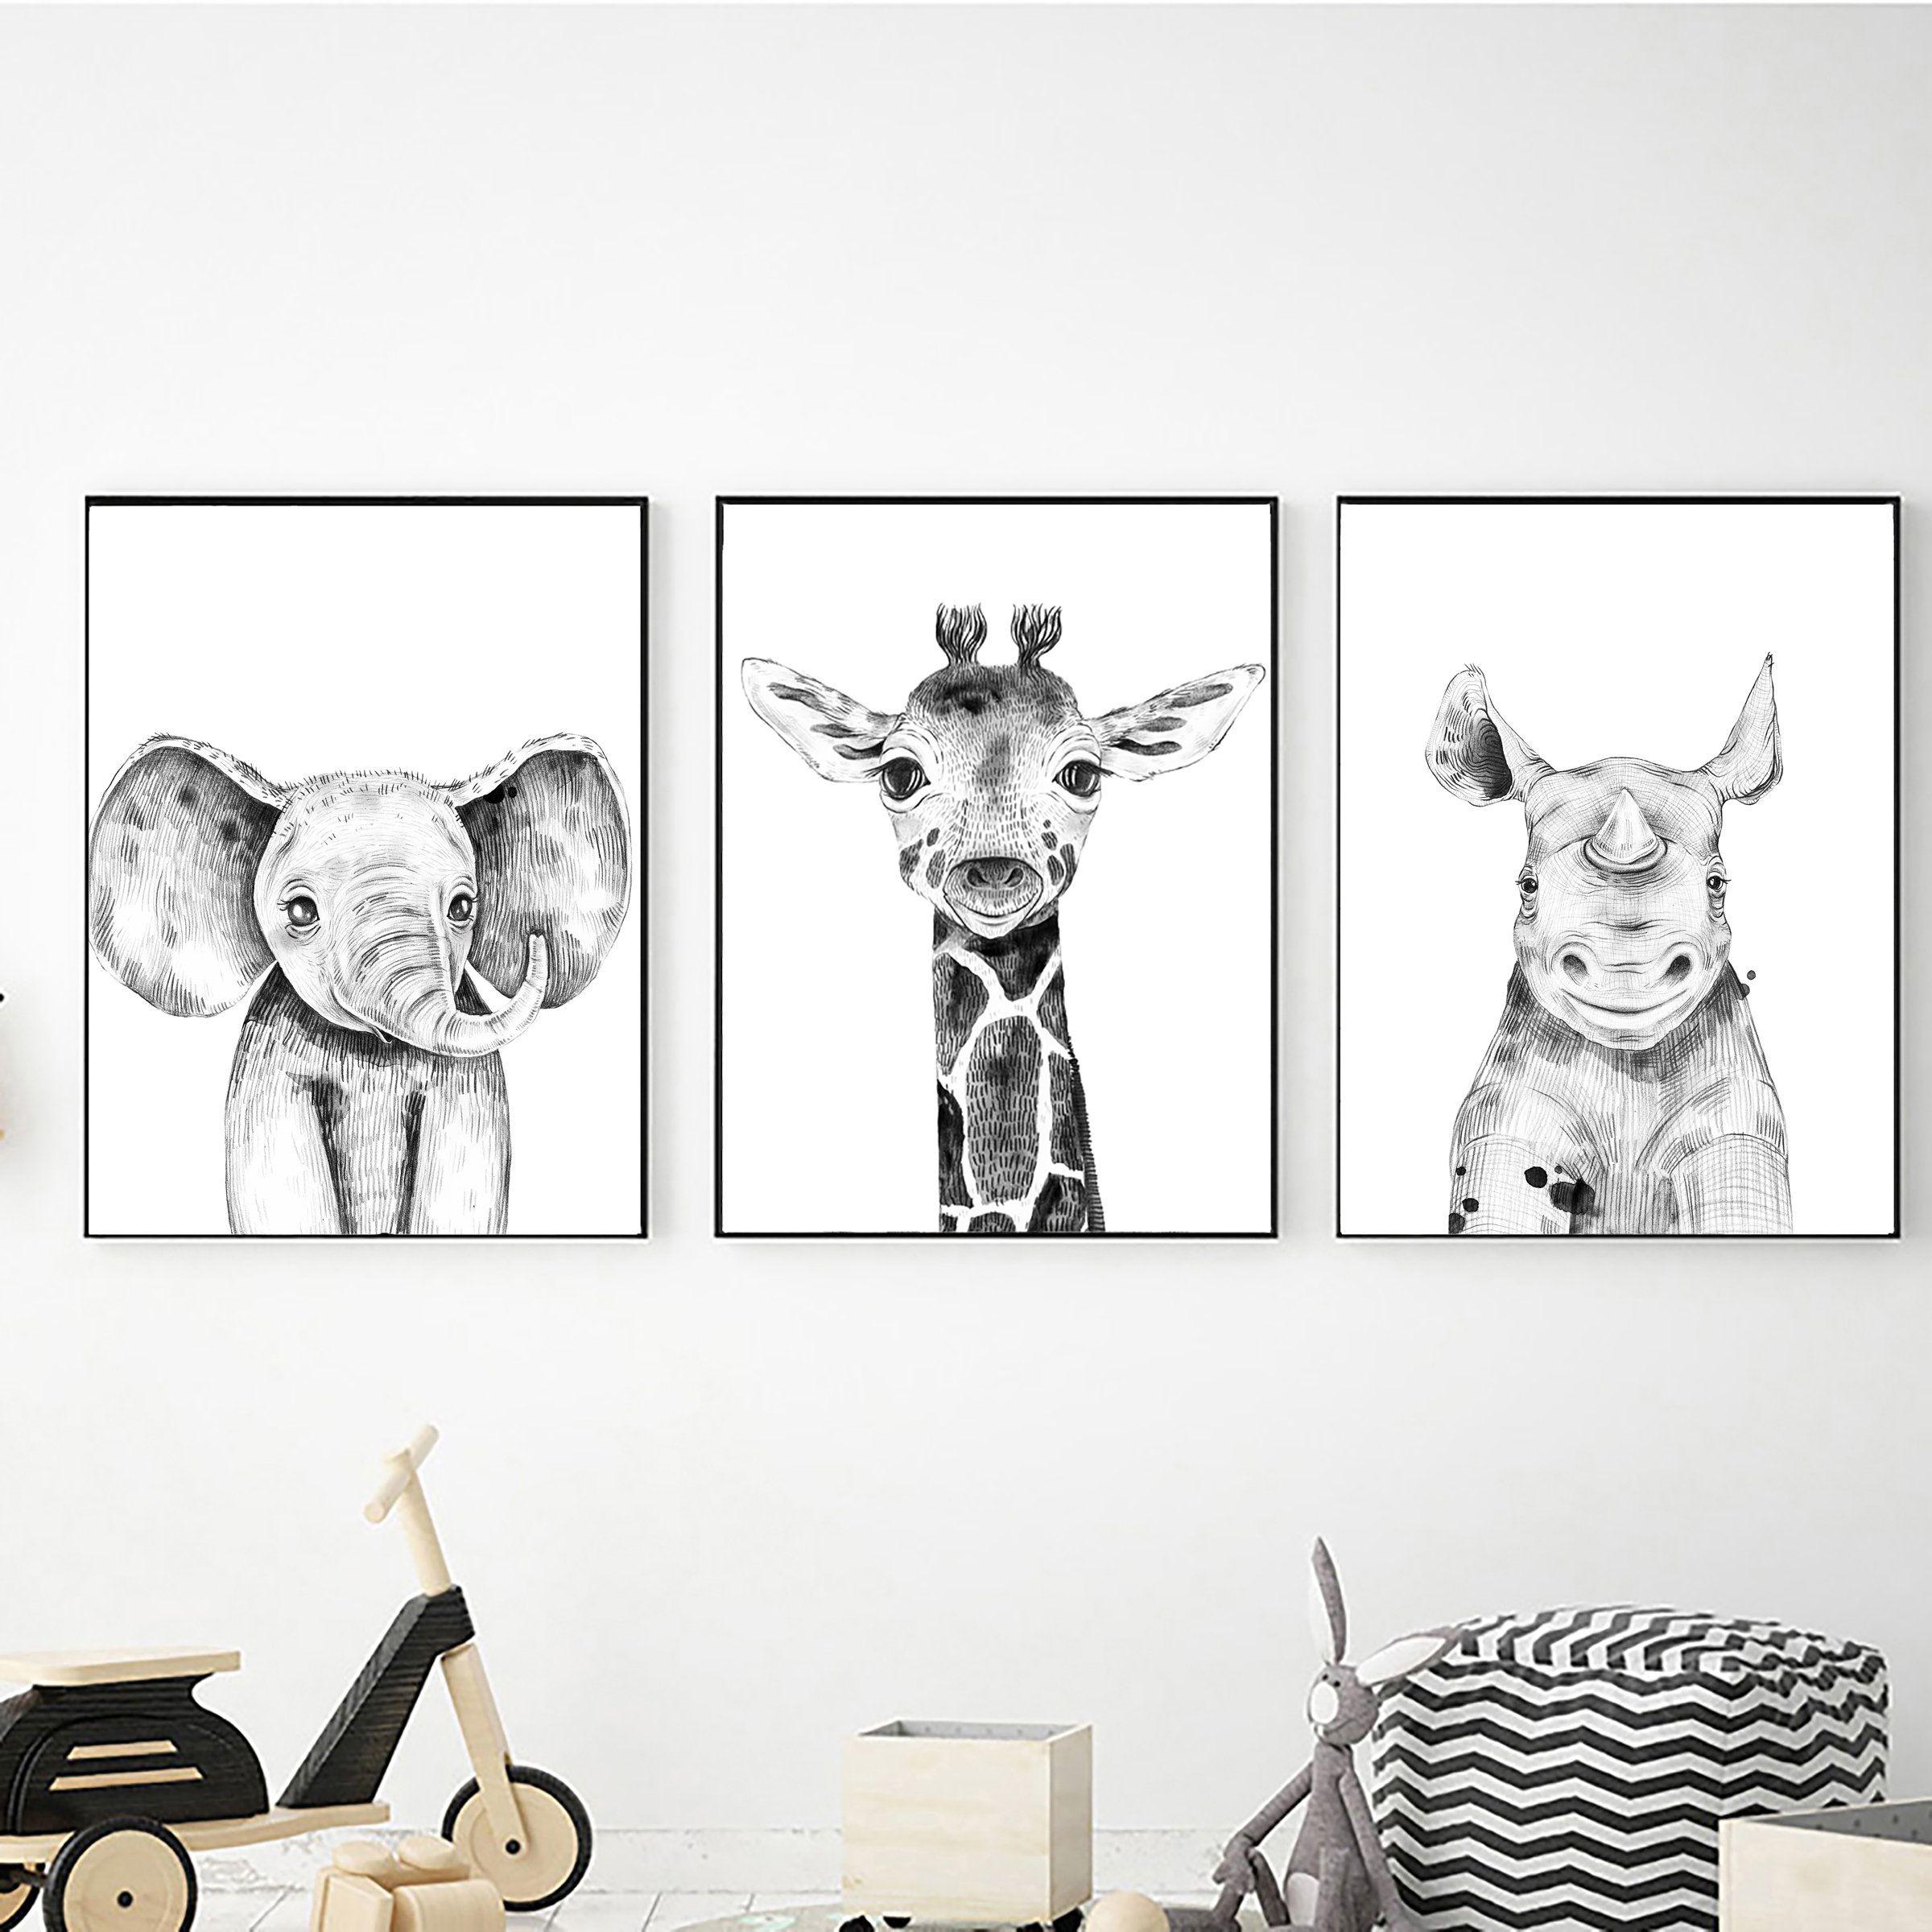 Set Of 3 Safari Animals Printable Wall Art Digital Download Etsy In 2021 Safari Animal Wall Art Safari Wall Art Safari Theme Nursery